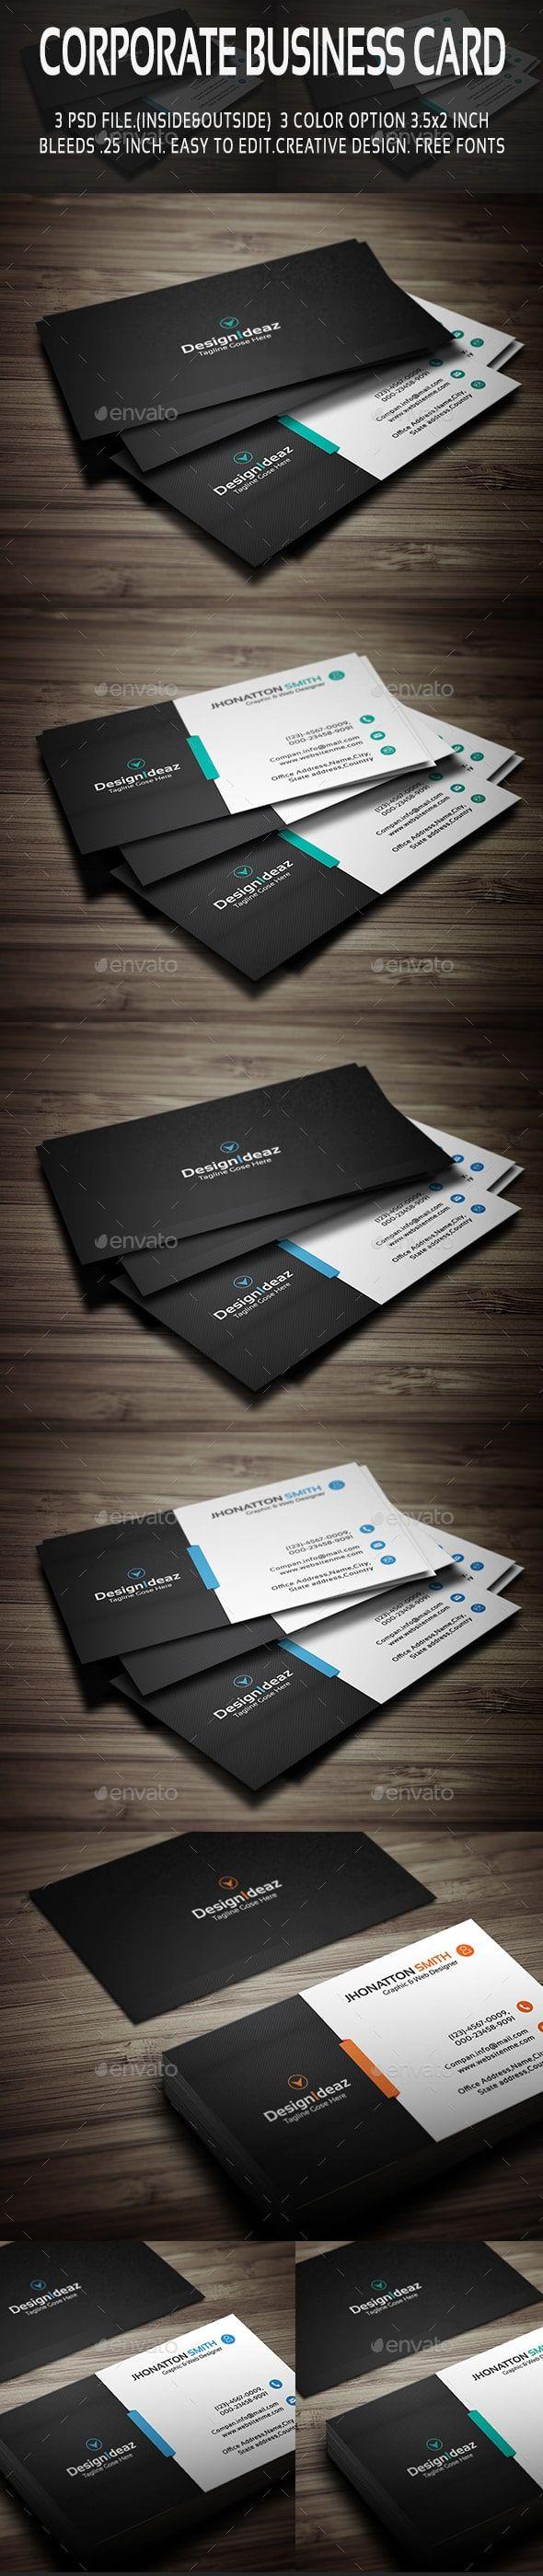 قالب گرافیک کارت ویزیت شرکتی رایگان کیفیت بالا graphicriver corporate business card v01